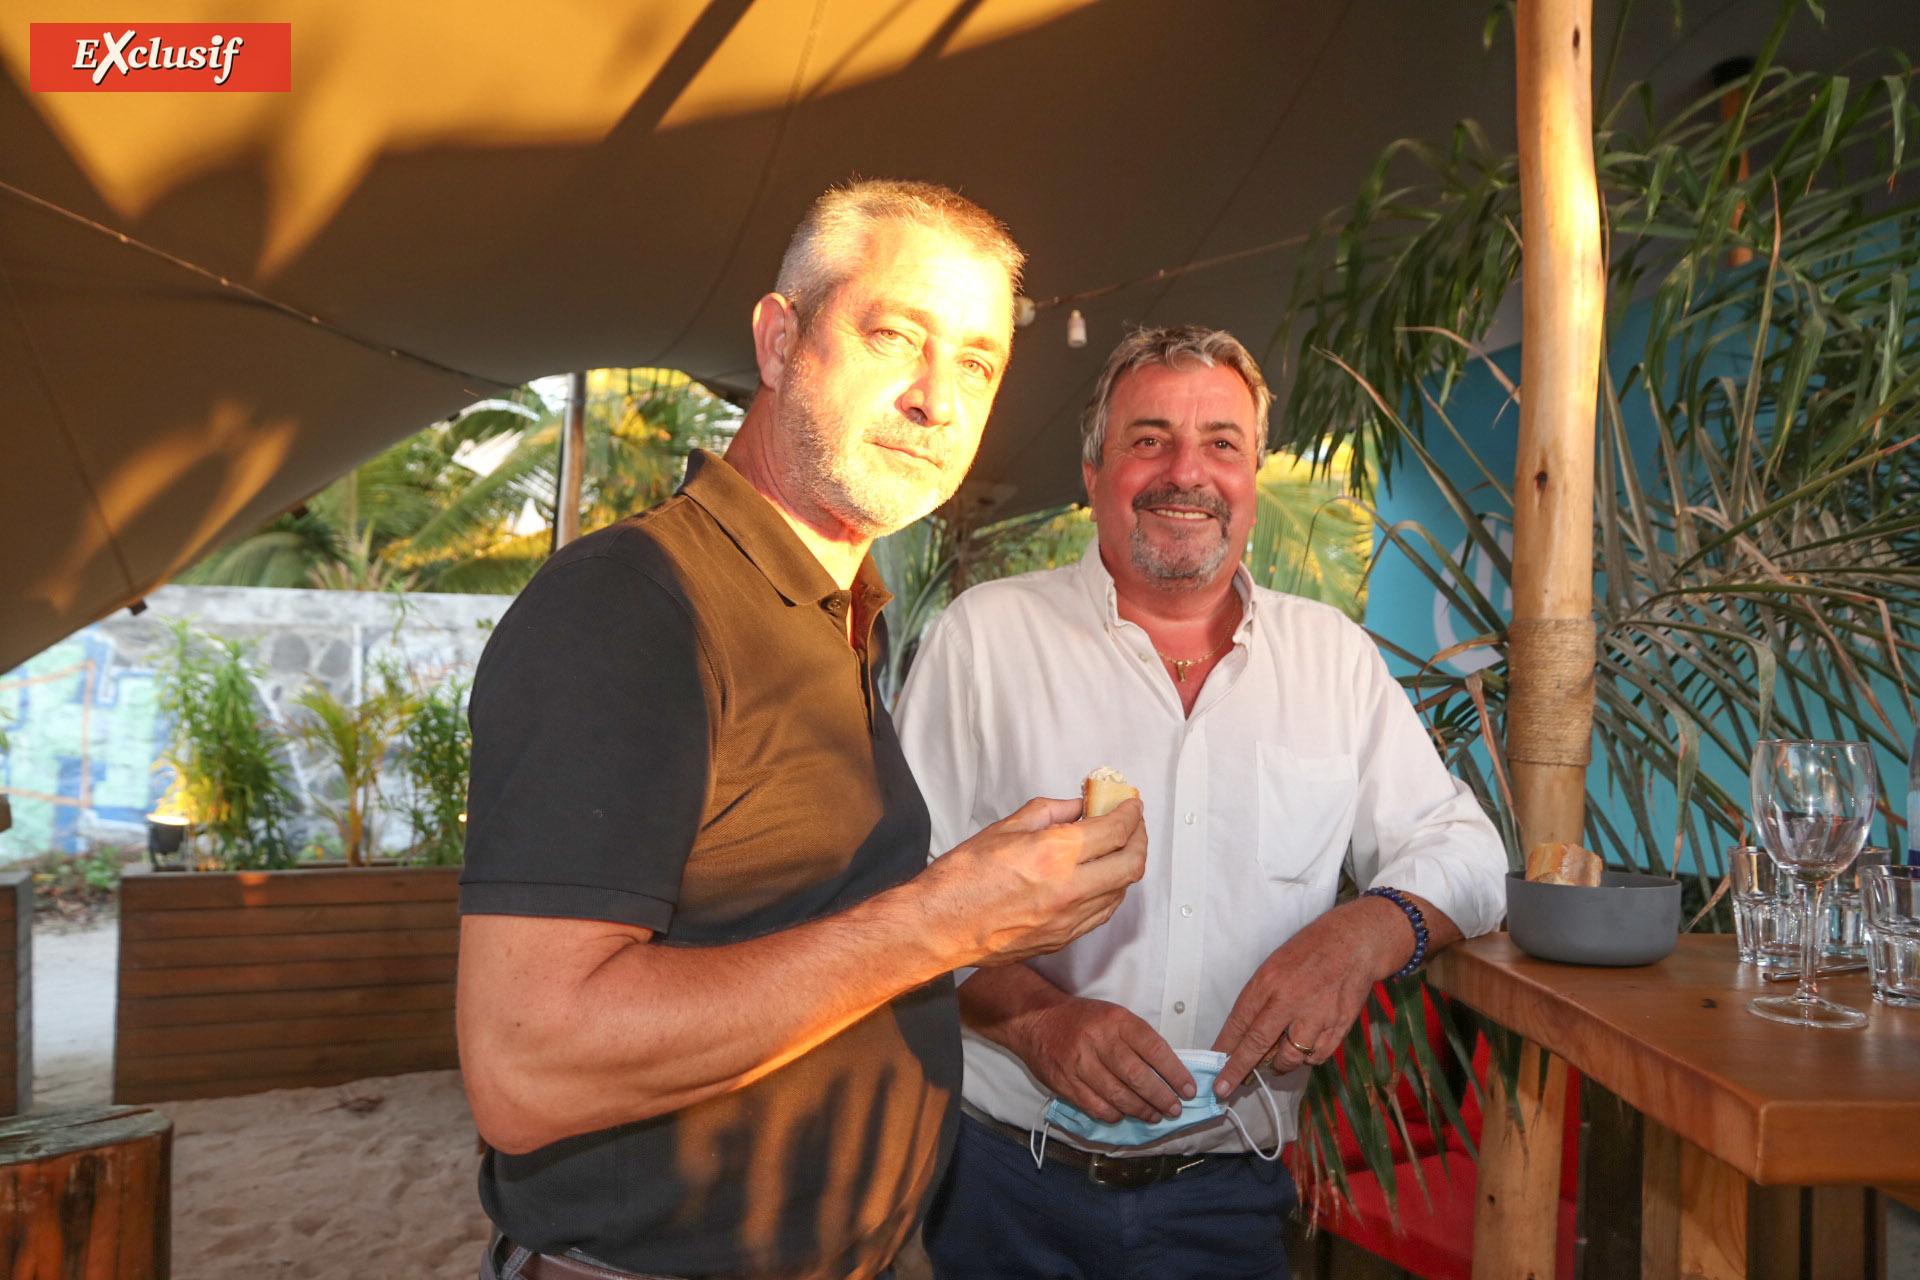 Marc Guilbert, directeur des pièces et services de la branche automobile du groupe Caillé, et Jean-Charles Cotto, directeur d'exploitation JCA Sud